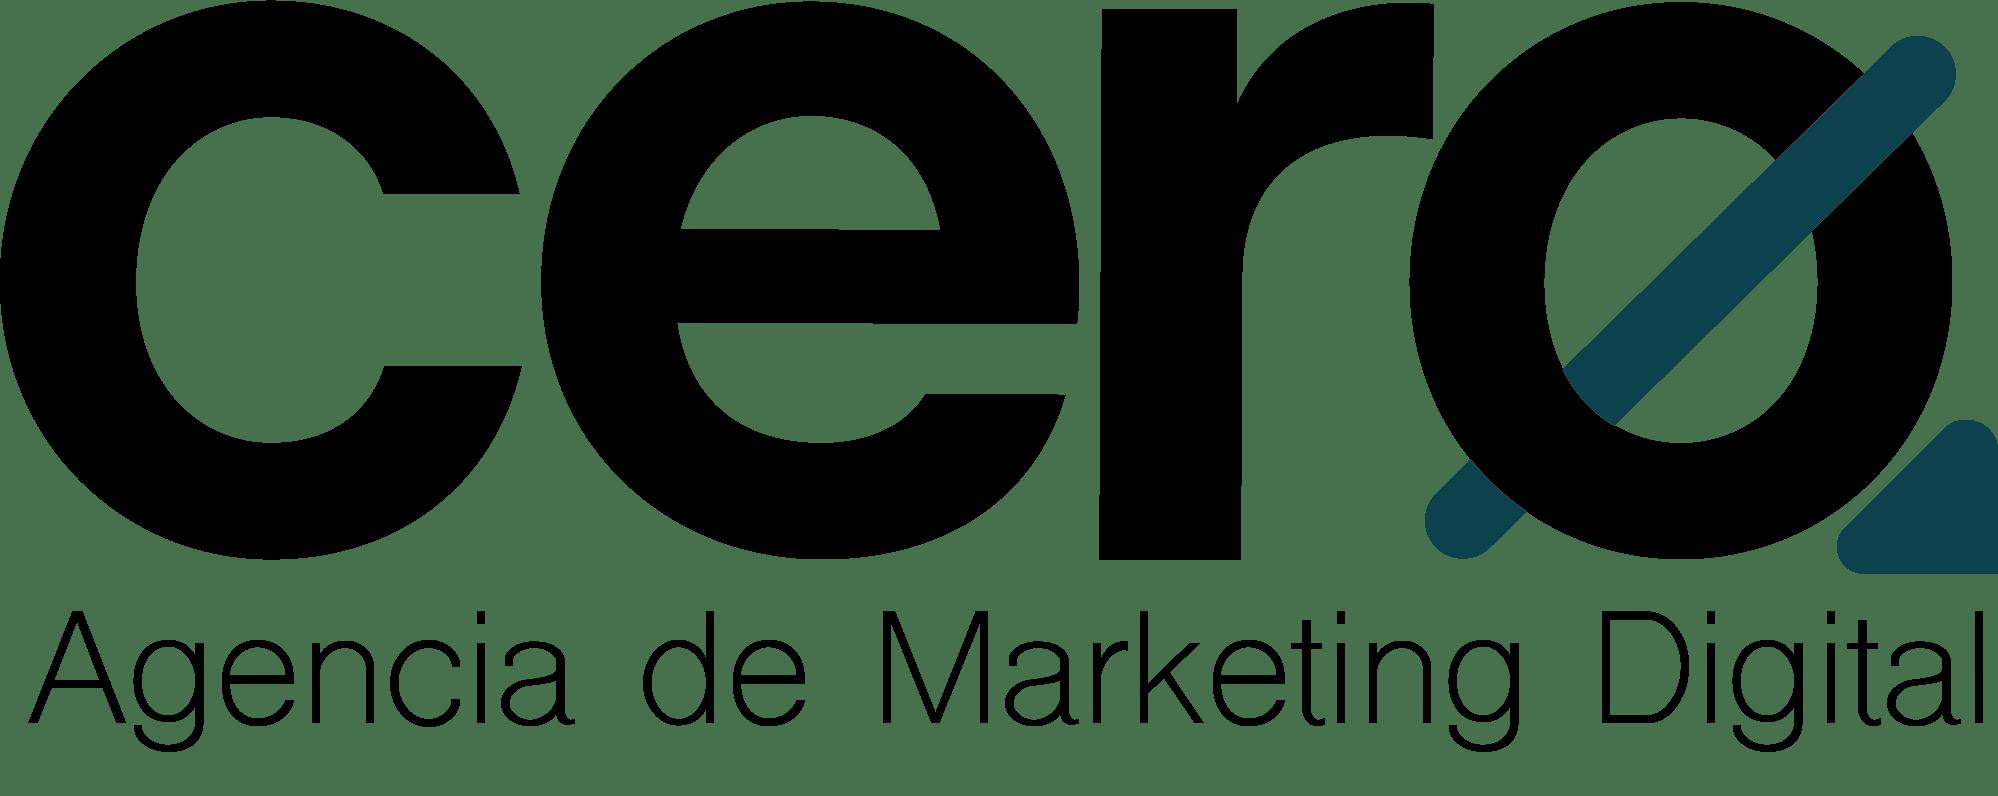 Cero - Agencia De Marketing Digital